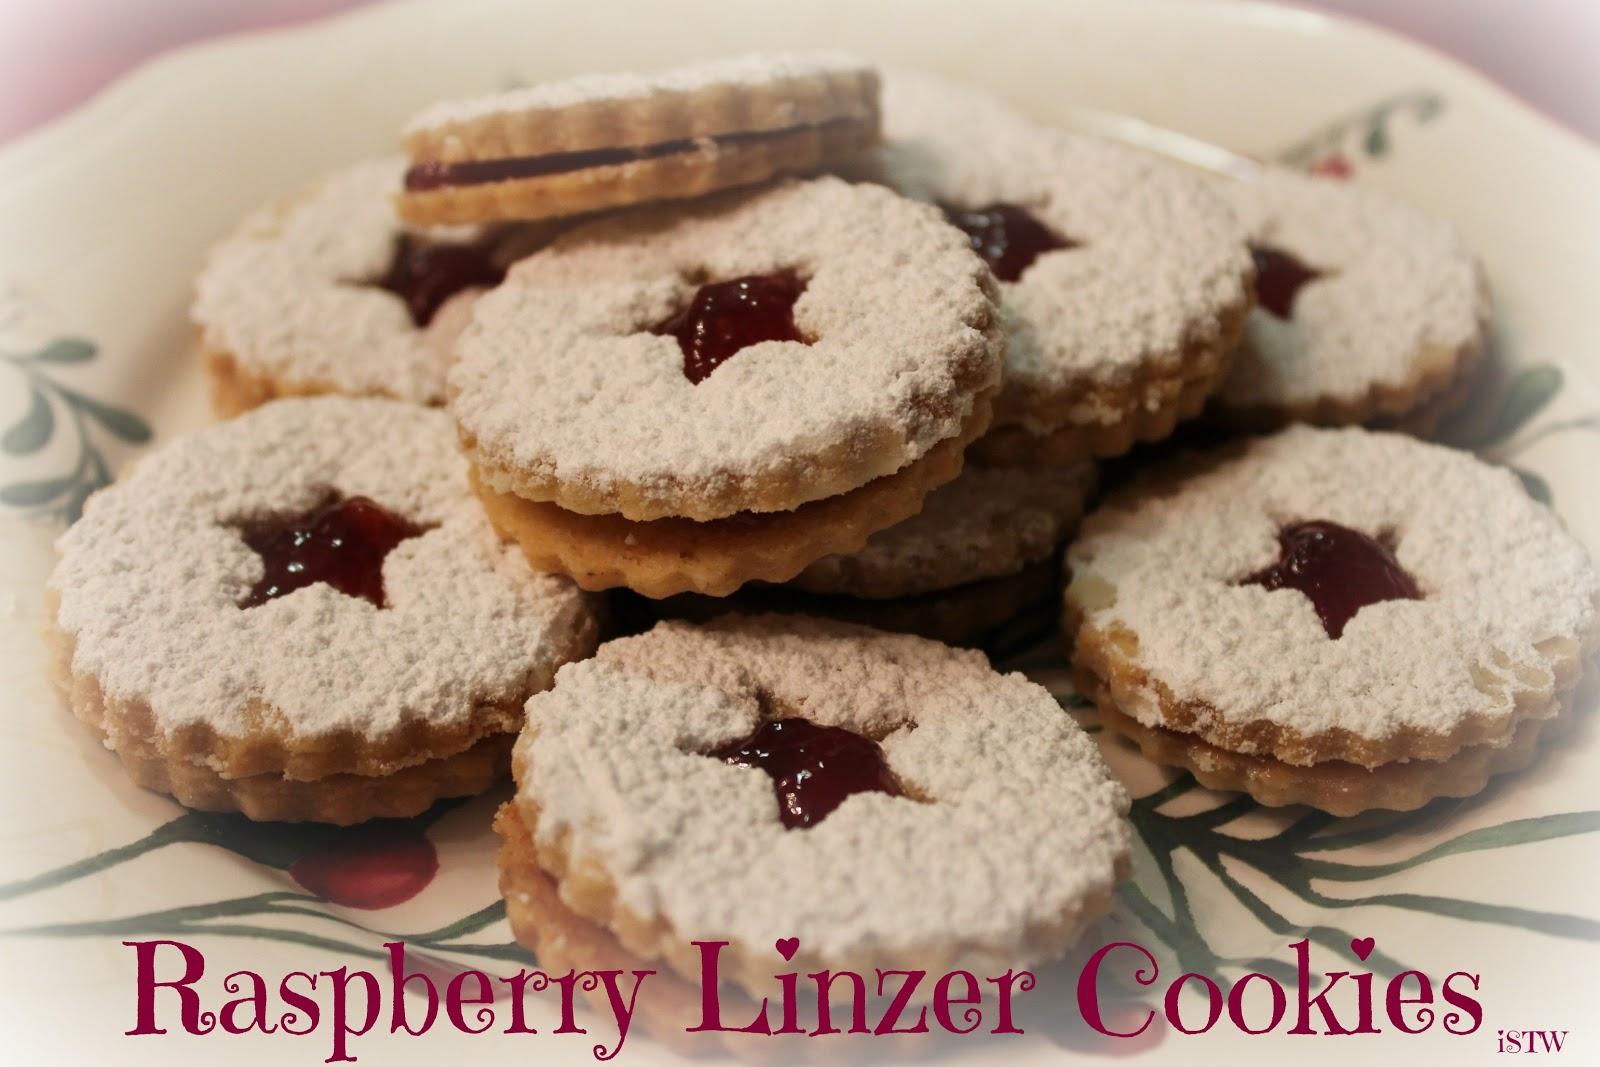 iSavor the Weekend: Raspberry Linzer Cookies